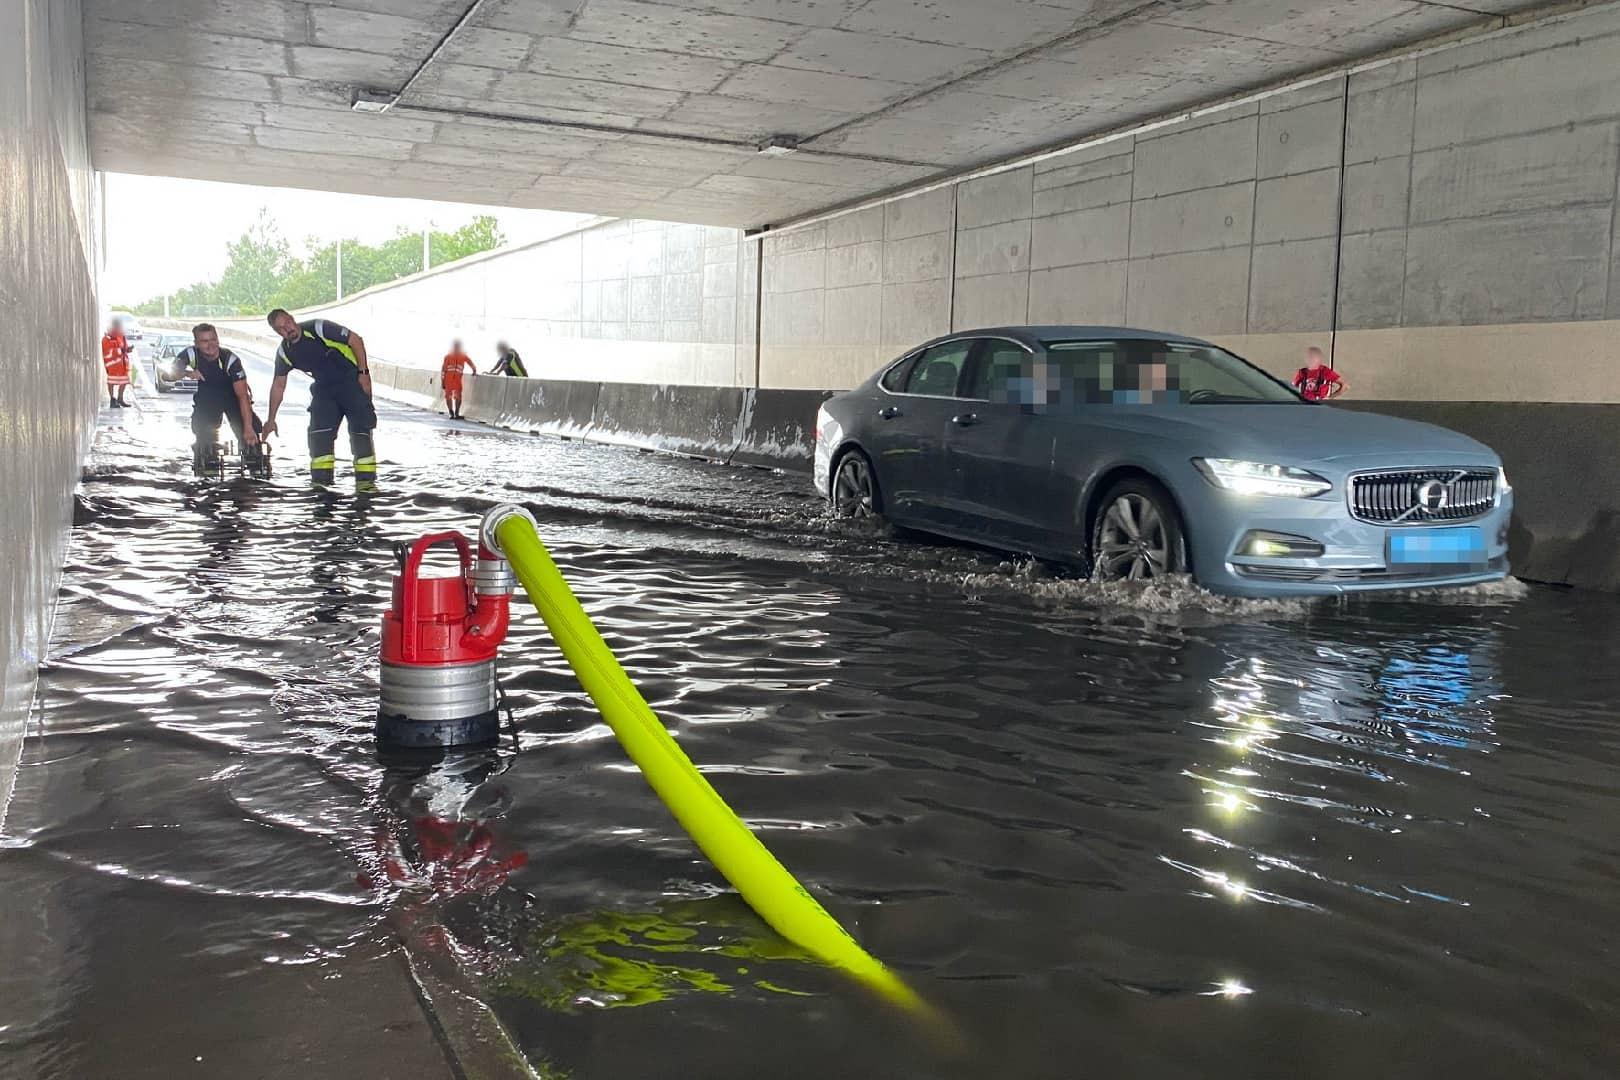 Starkregen sorgt für Einsätze